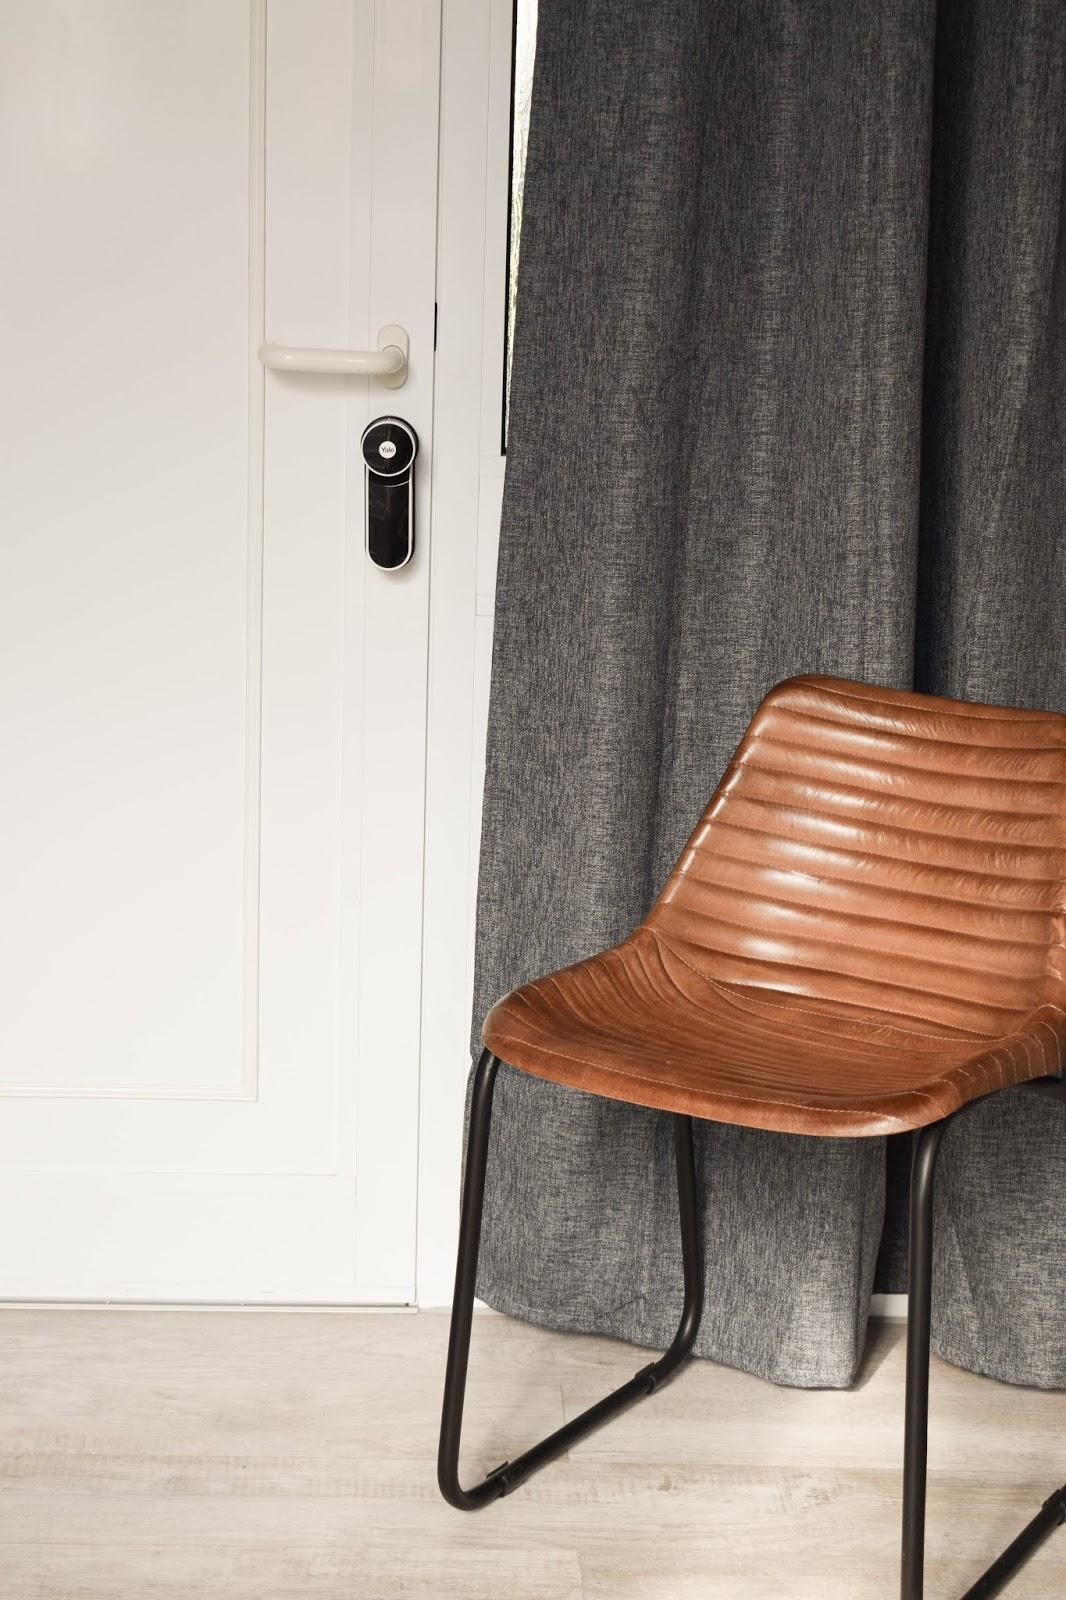 Yale Entr Smartlock: smartes Türschloss für Haustüre. Renovierung Schliesssystem und intelligente Schliessloesung. Smart Home Ideen.